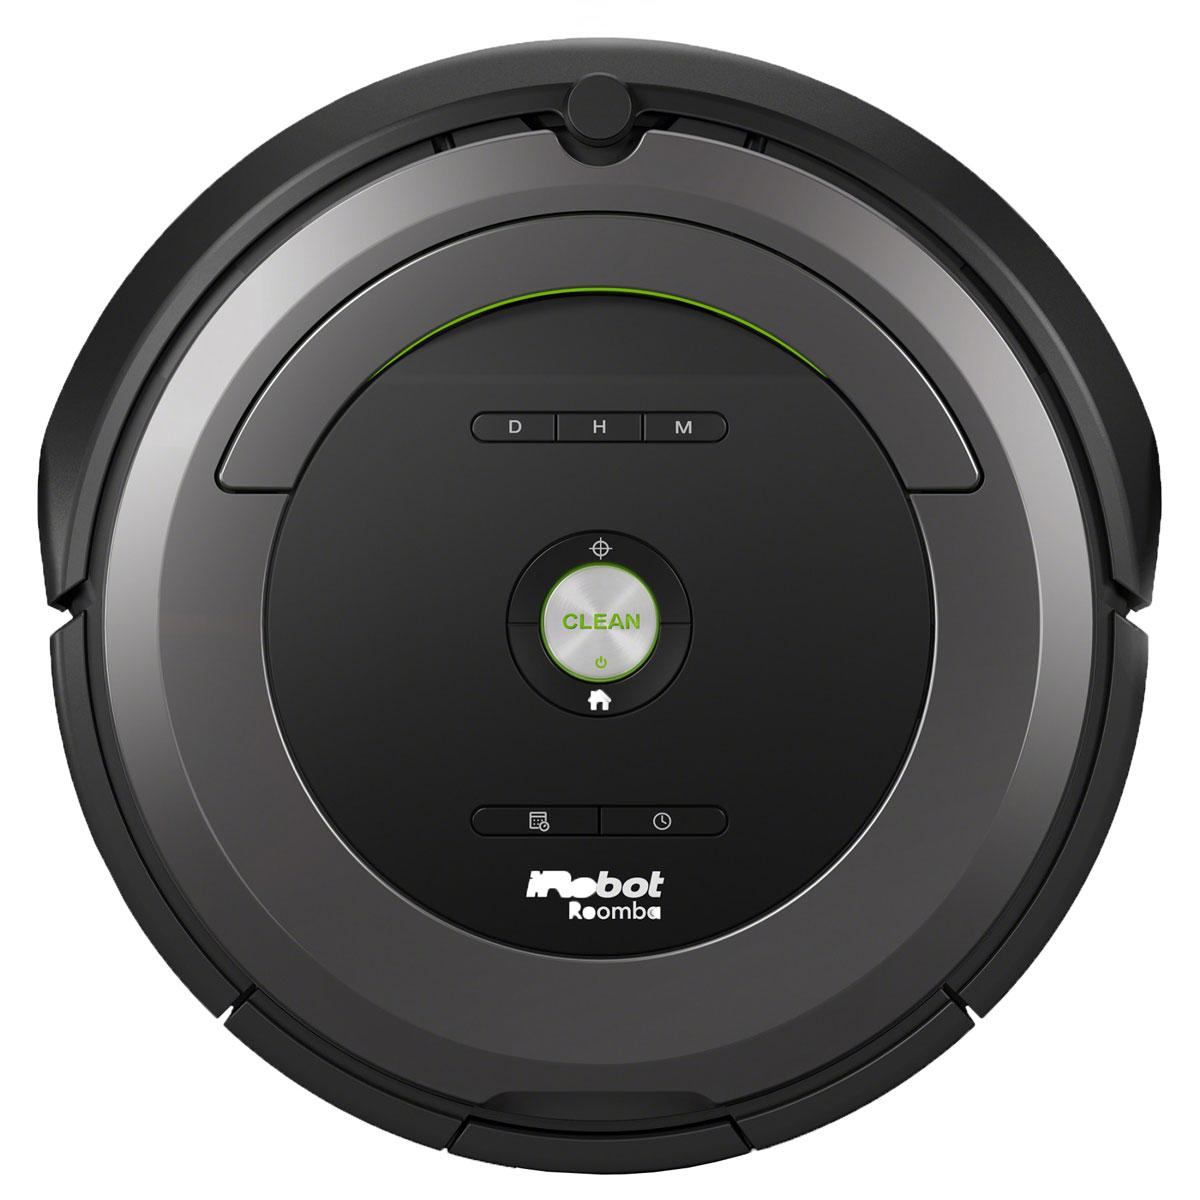 iRobot Roomba 681 робот-пылесосR681iRobot Roomba 681 – робот-пылесос от известной компании iRobot, который рекомендован для уборки как небольших квартир, так и достаточно габаритных жилых помещений. Модель Roomba 681 объединила в себе всё, чем могут похвастаться роботизированные воины с грязью в доме. Небольшие габариты и мощный функционал – основные преимущества данной модели. Он удобен и в использовании, и в обслуживании. На верхней панели имеется большая кнопка CLEAN, которую достаточно нажать для того, чтобы запустить процесс уборки. Все остальное робот сделает сам. Он самостоятельно ориентируется в пространстве, находит препятствия и обходит их, добирается до самых укромных мест, чистит те места на полу, которые наиболее загрязнены и так далее. Что касается обслуживания, то здесь все максимально просто. При необходимости требуется периодическая чистка накопительной емкости для мусора и щеток, которые собирают весь мусор. На это требуется затрачивать не более нескольких минут....